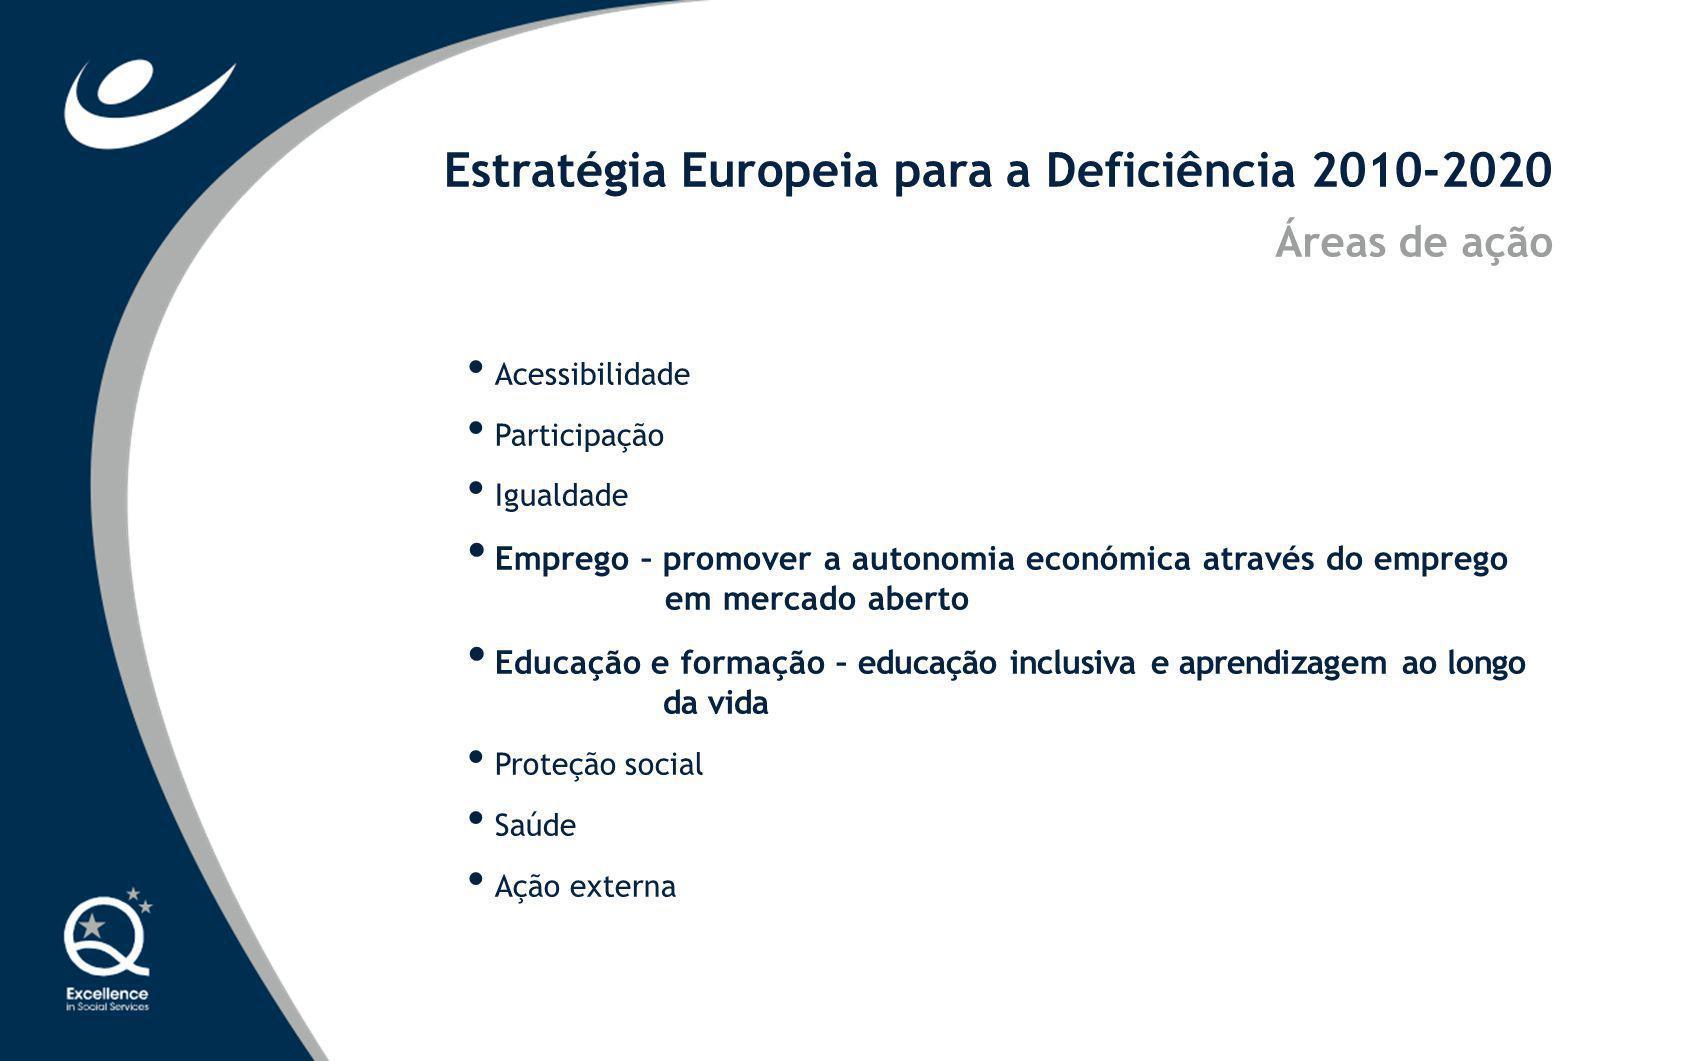 Estratégia Europeia para a Deficiência 2010-2020